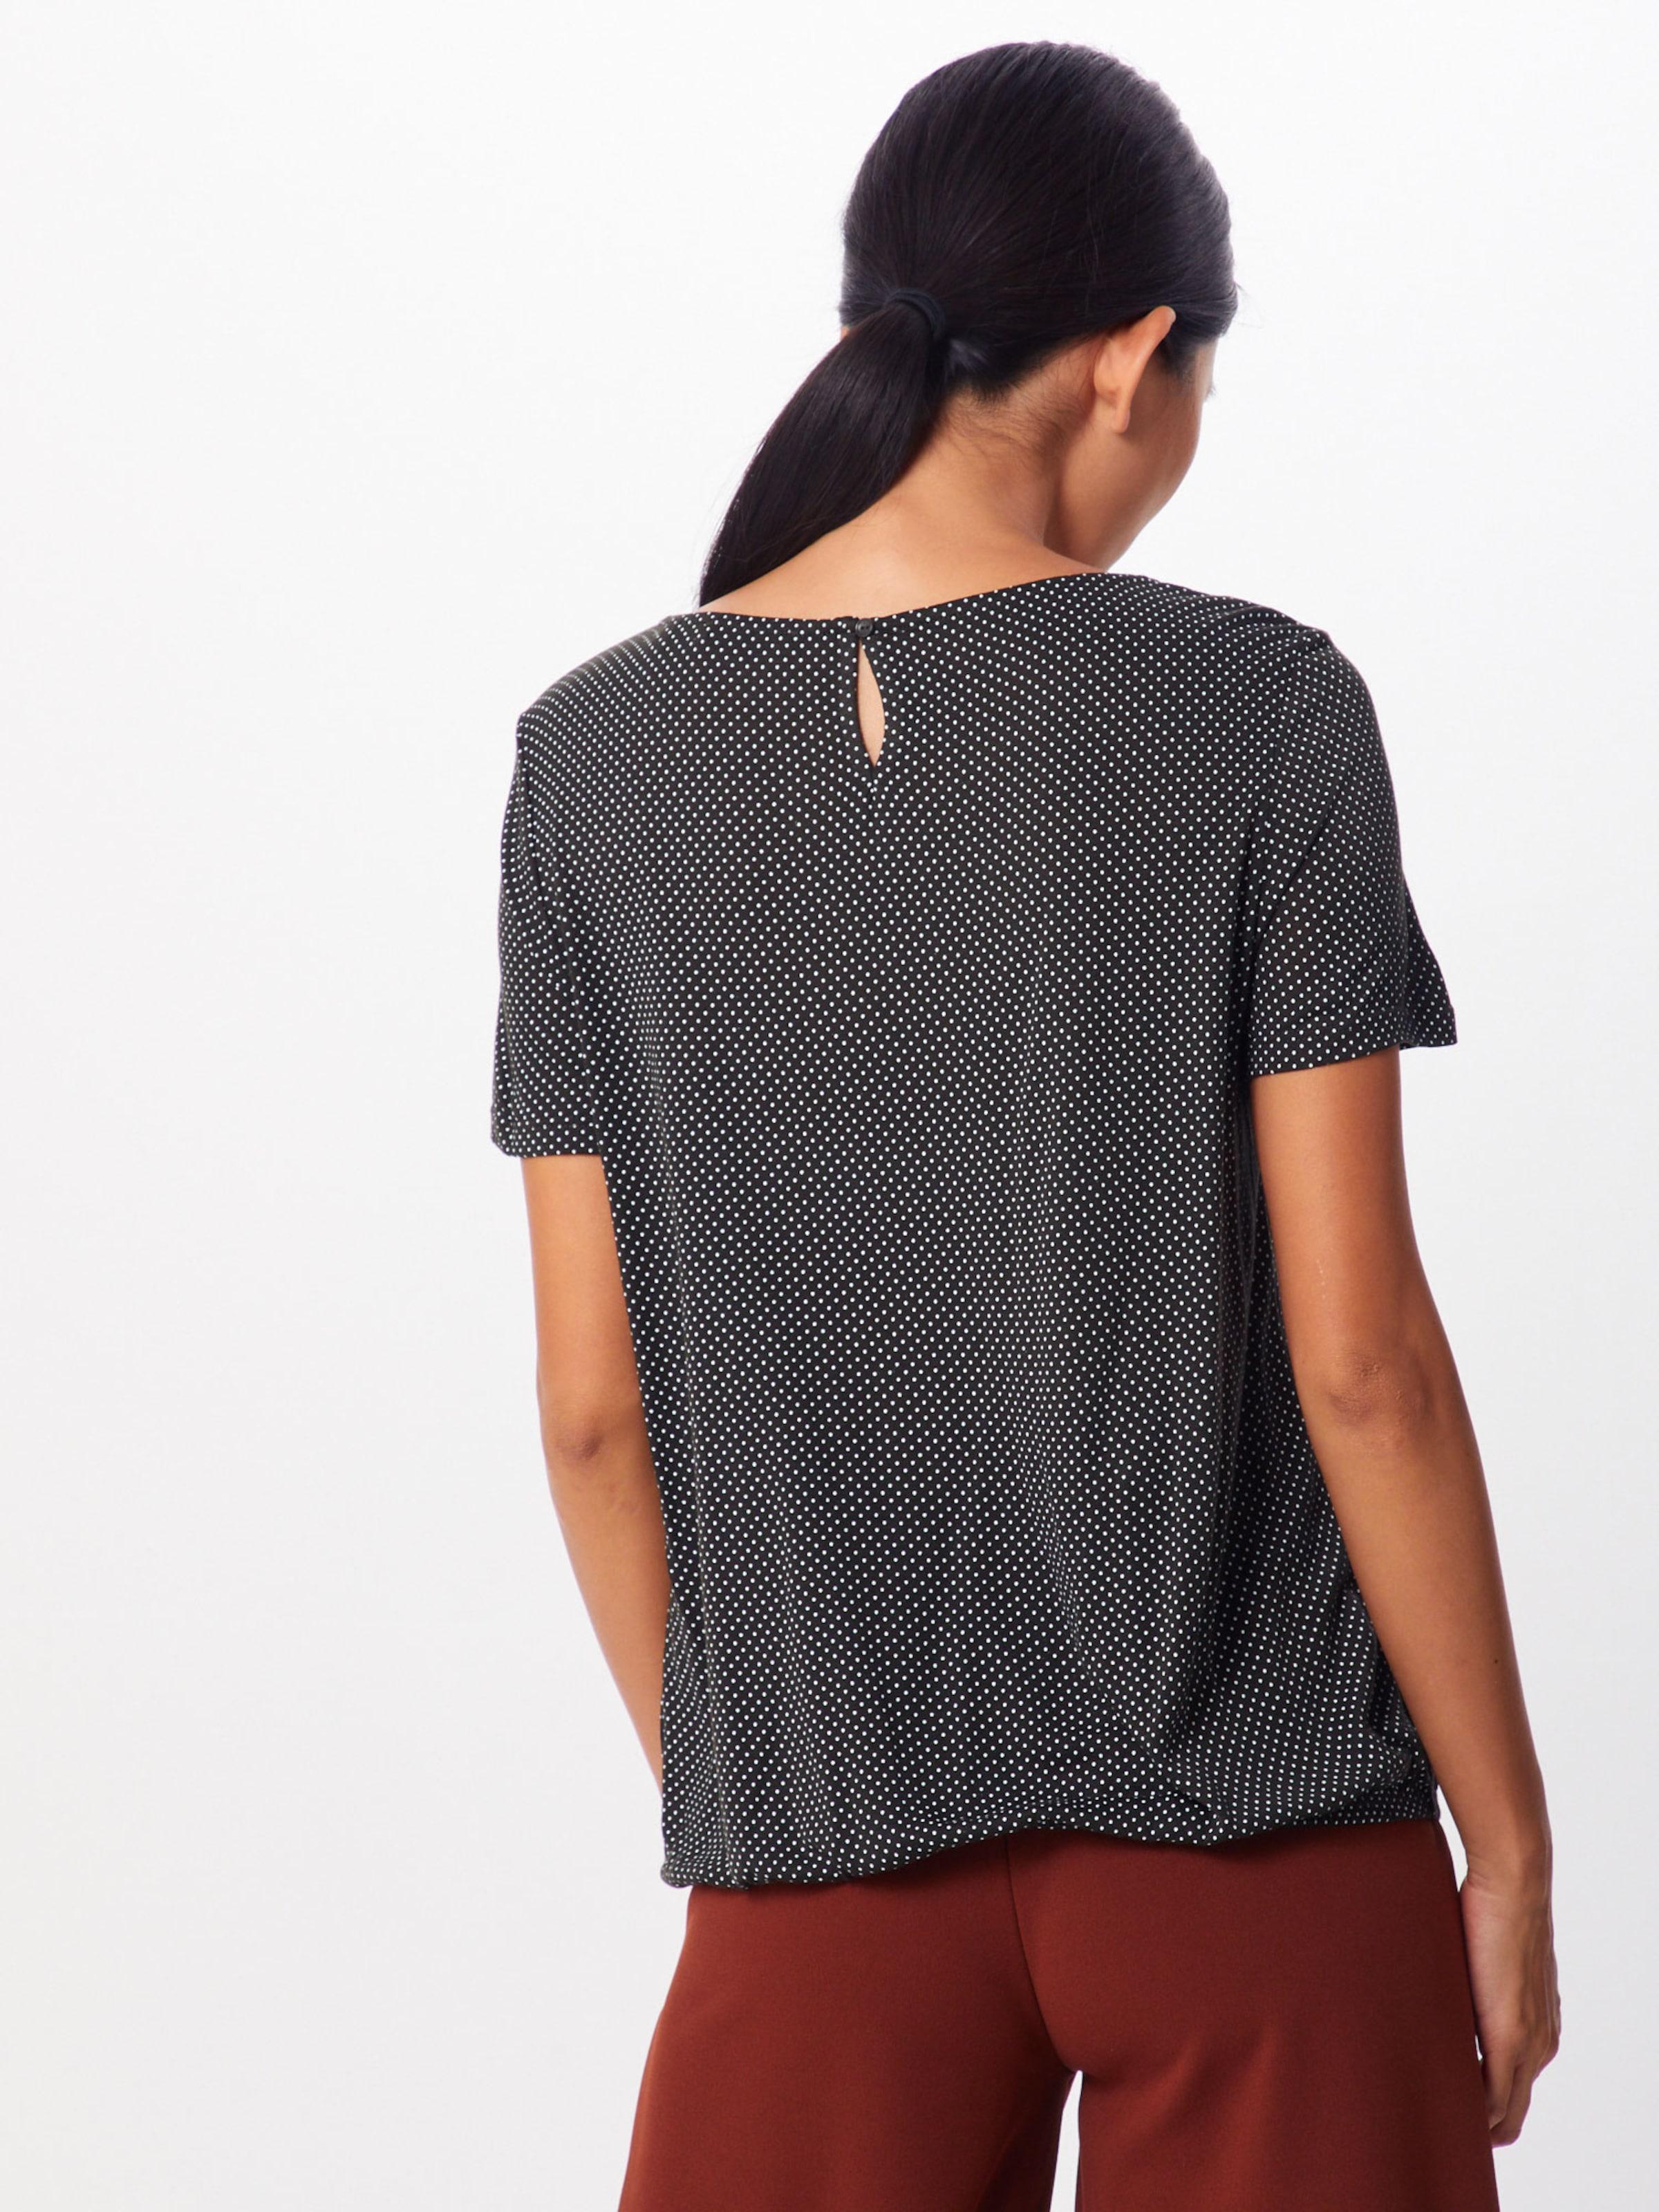 En 'sieke' T NoirBlanc Opus shirt Iv6gYfb7y